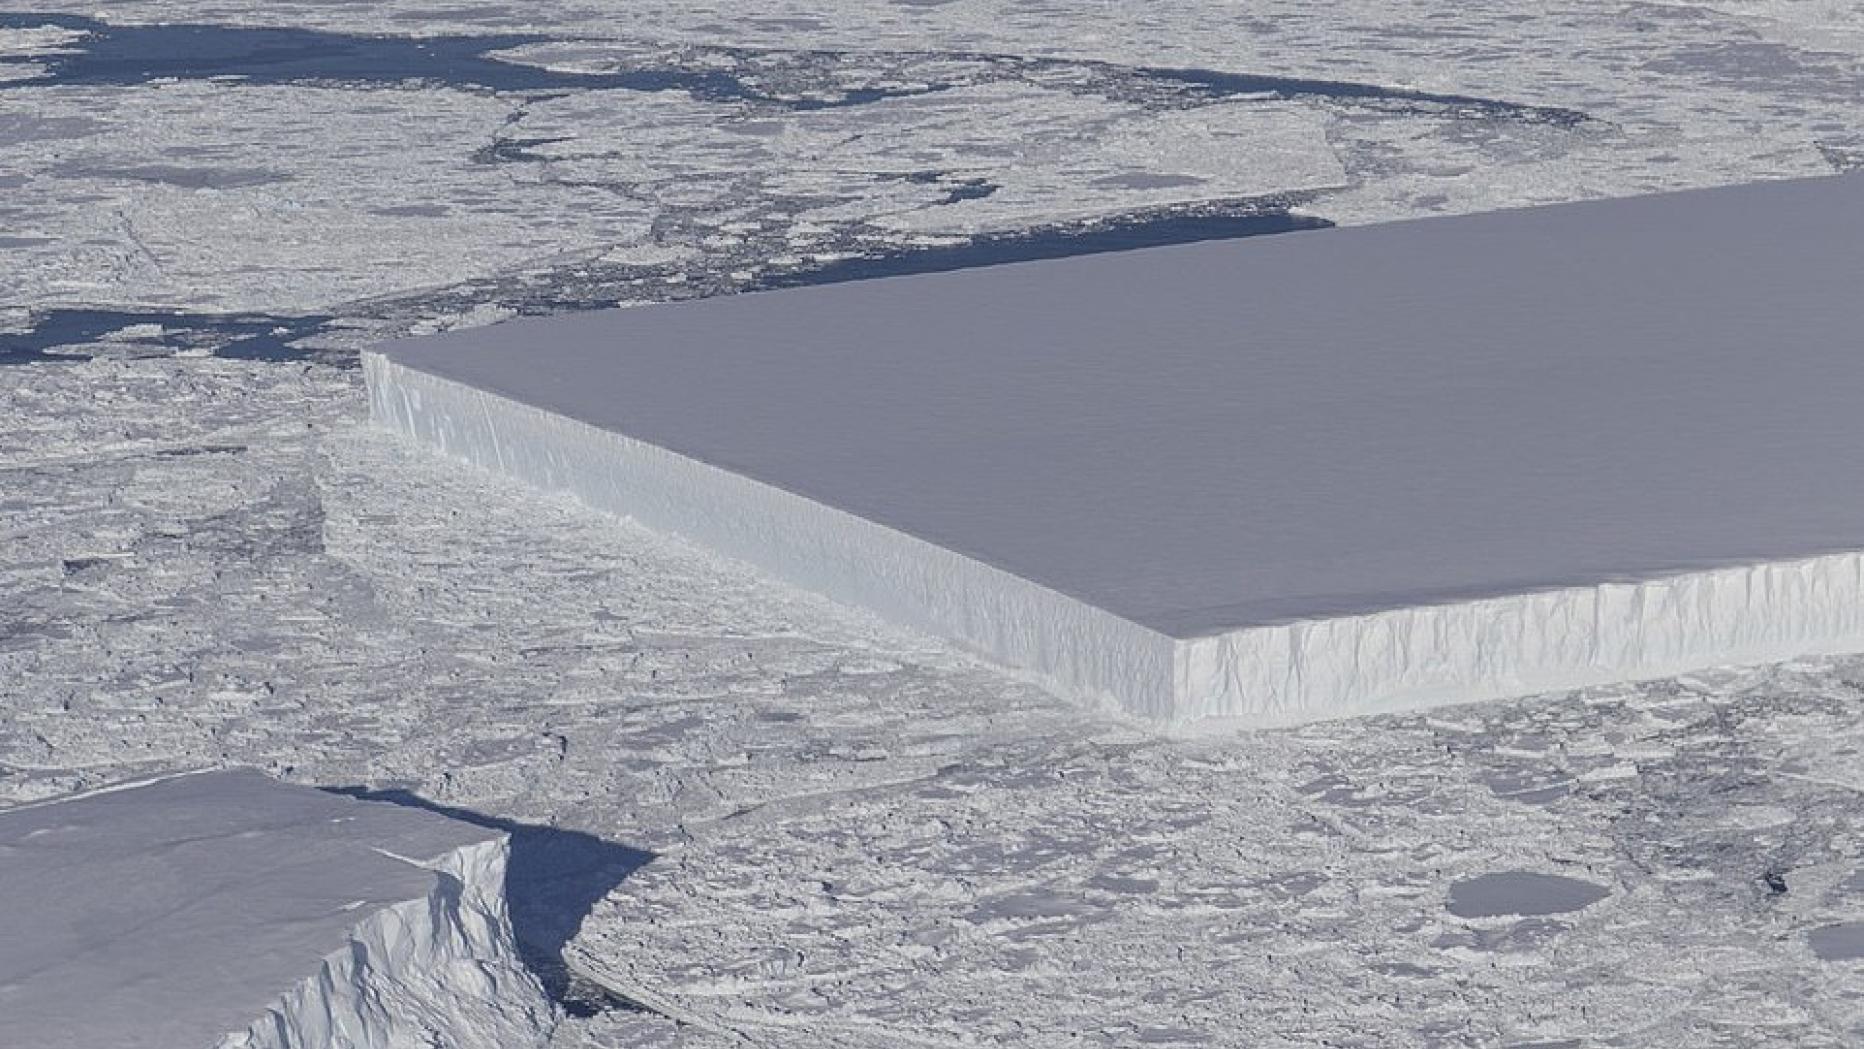 NASA veröffentlicht Foto von mysteriösem Eisberg